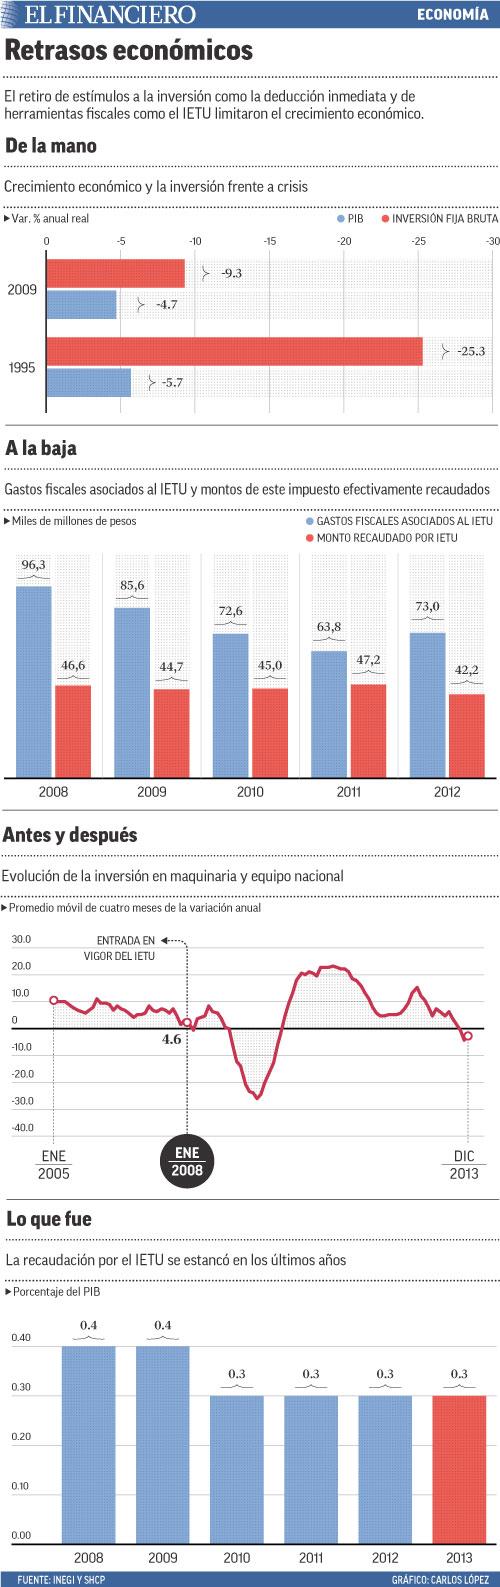 El retiro de estímulos a la inversión como la deducción inmediata y de herramientas fiscales como el IETU limitaron el crecimiento económico.